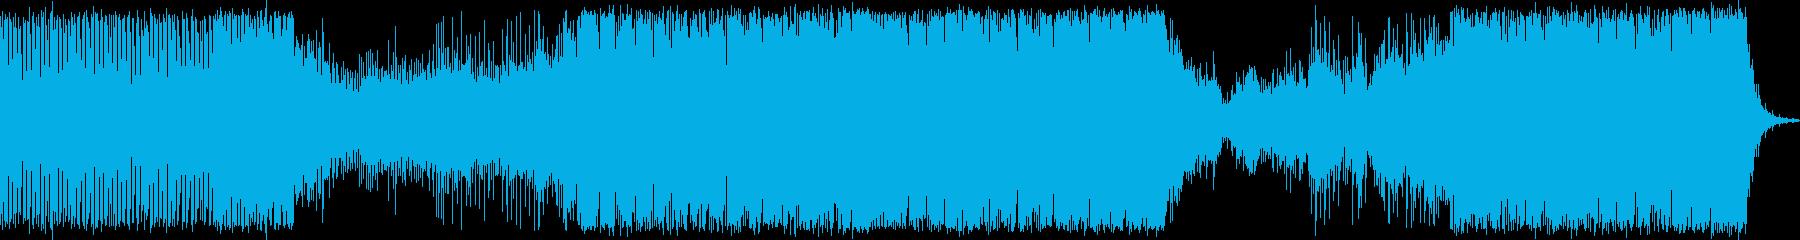 ドラマチックな展開の激しいトランスの再生済みの波形